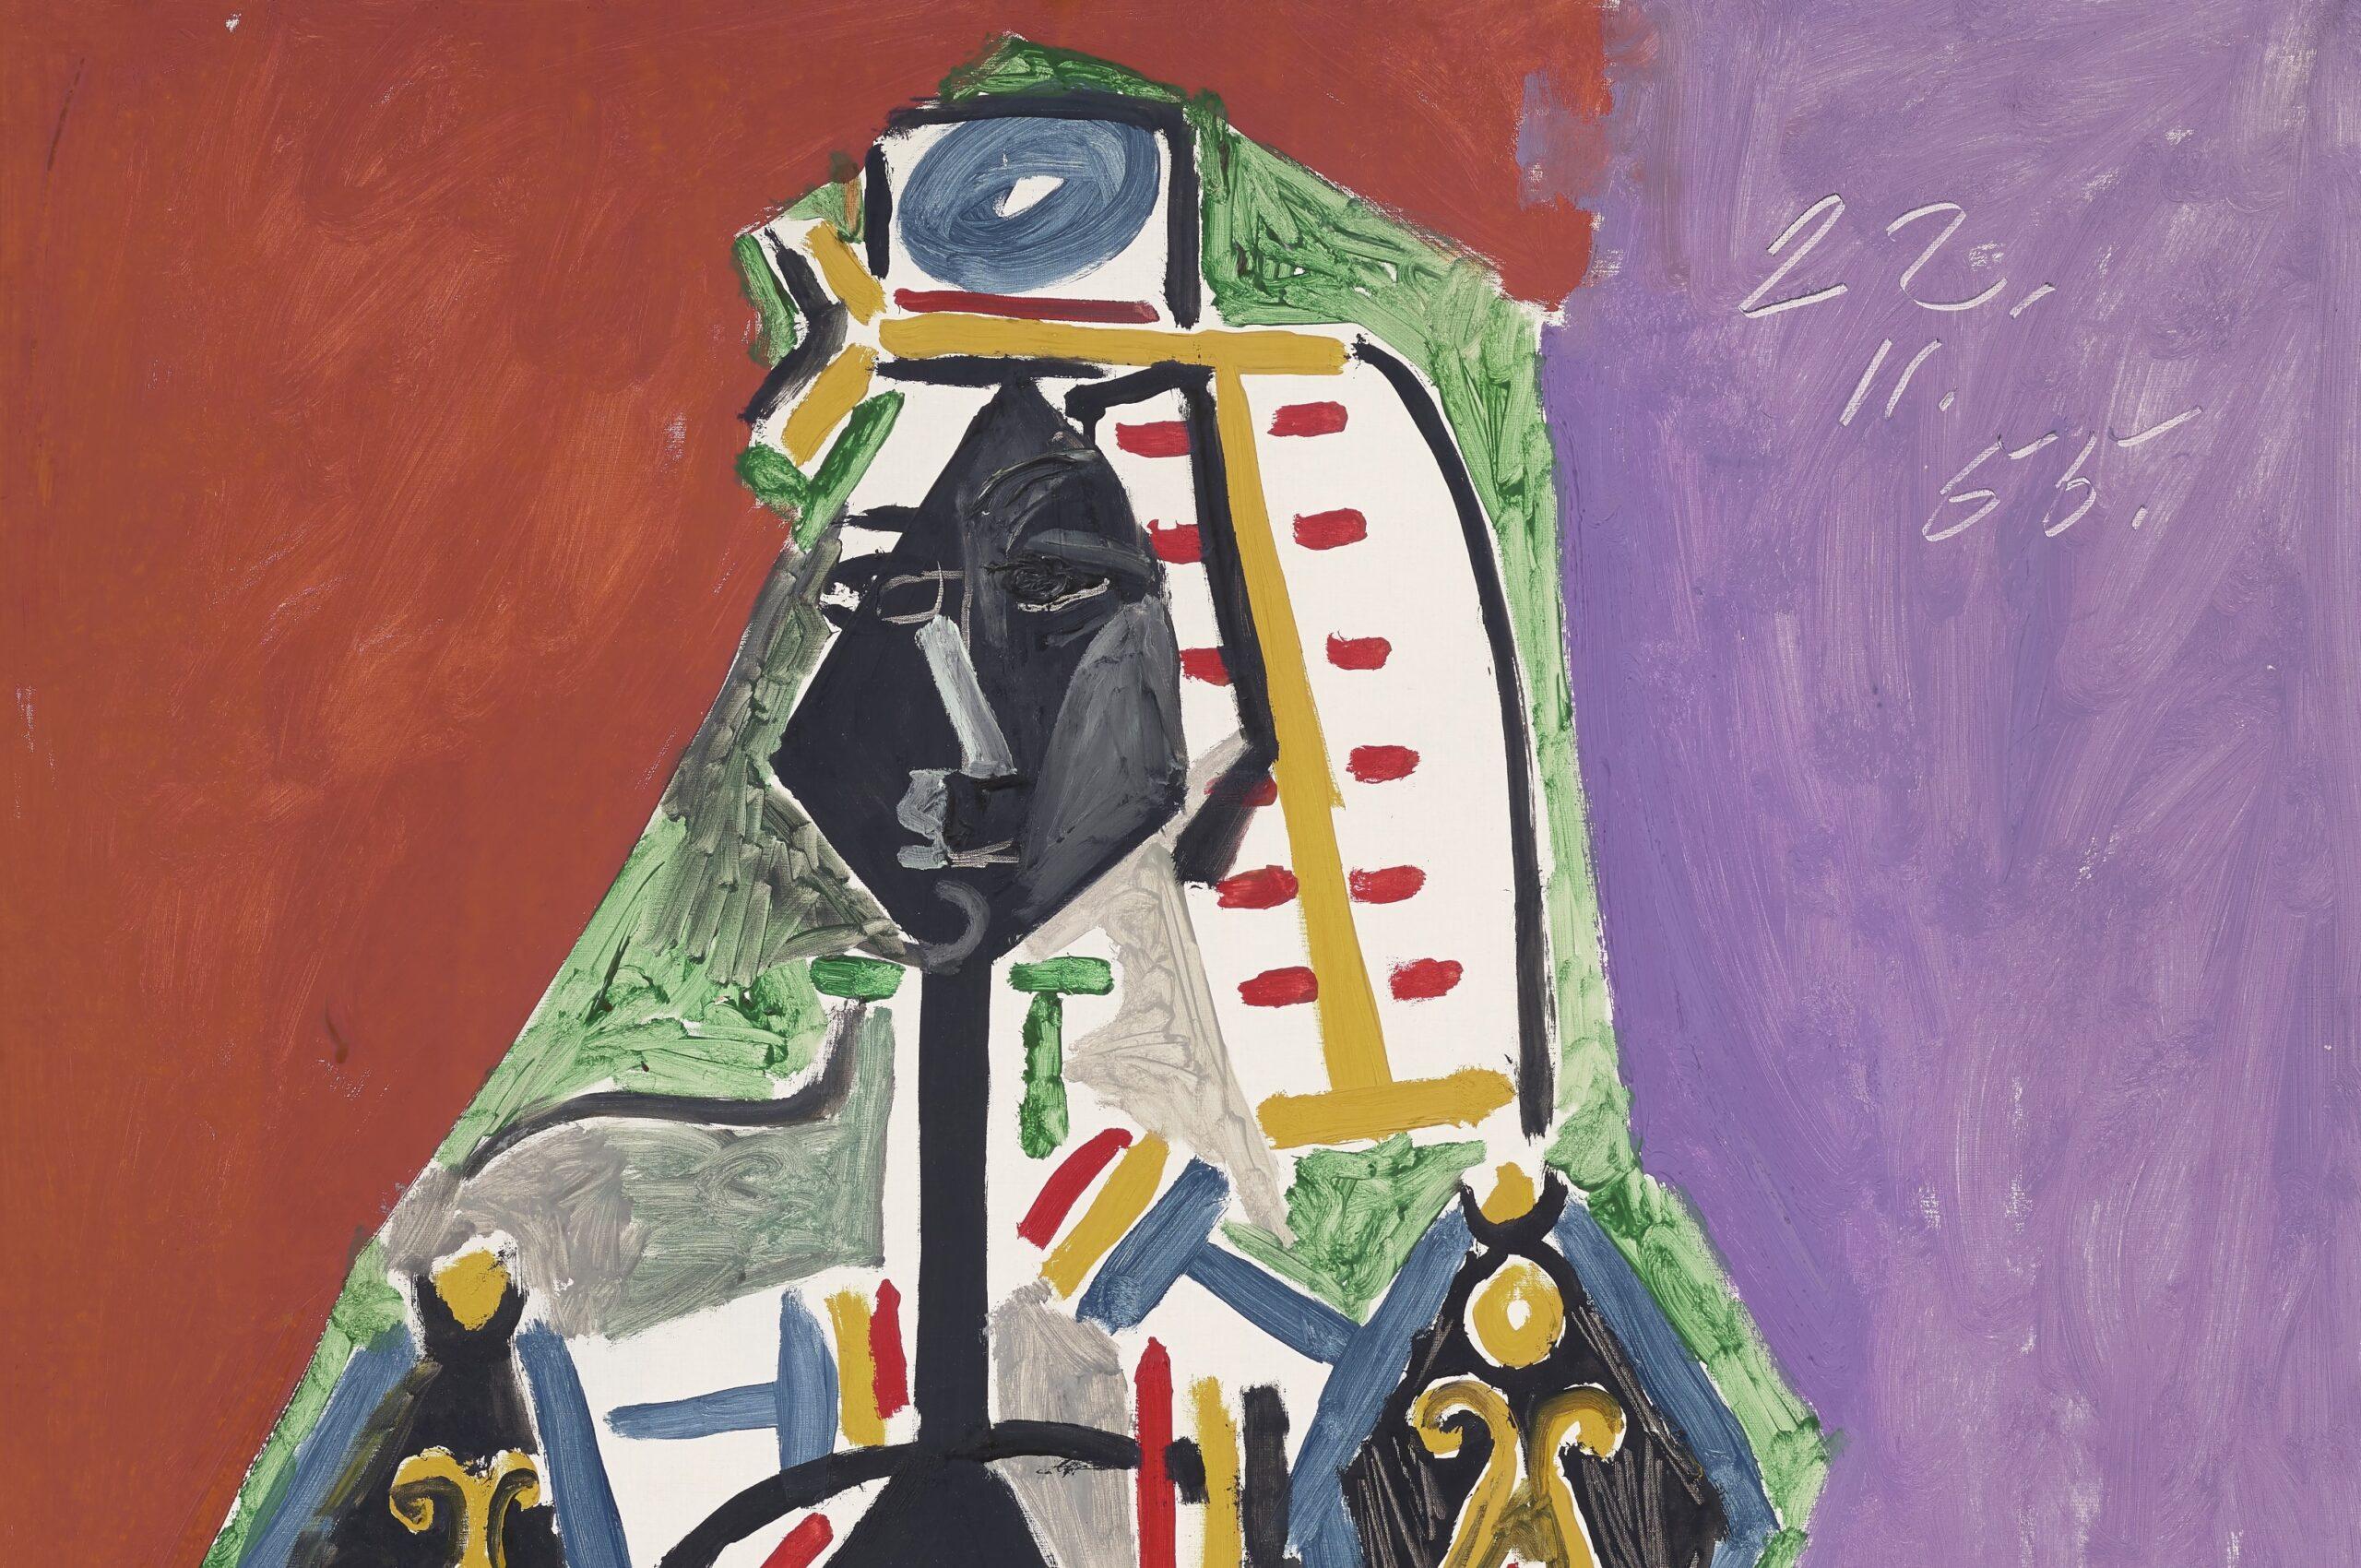 Picasso, altri due capolavori all'asta. Da Christie's arrivano il moschettiere e la fanciulla